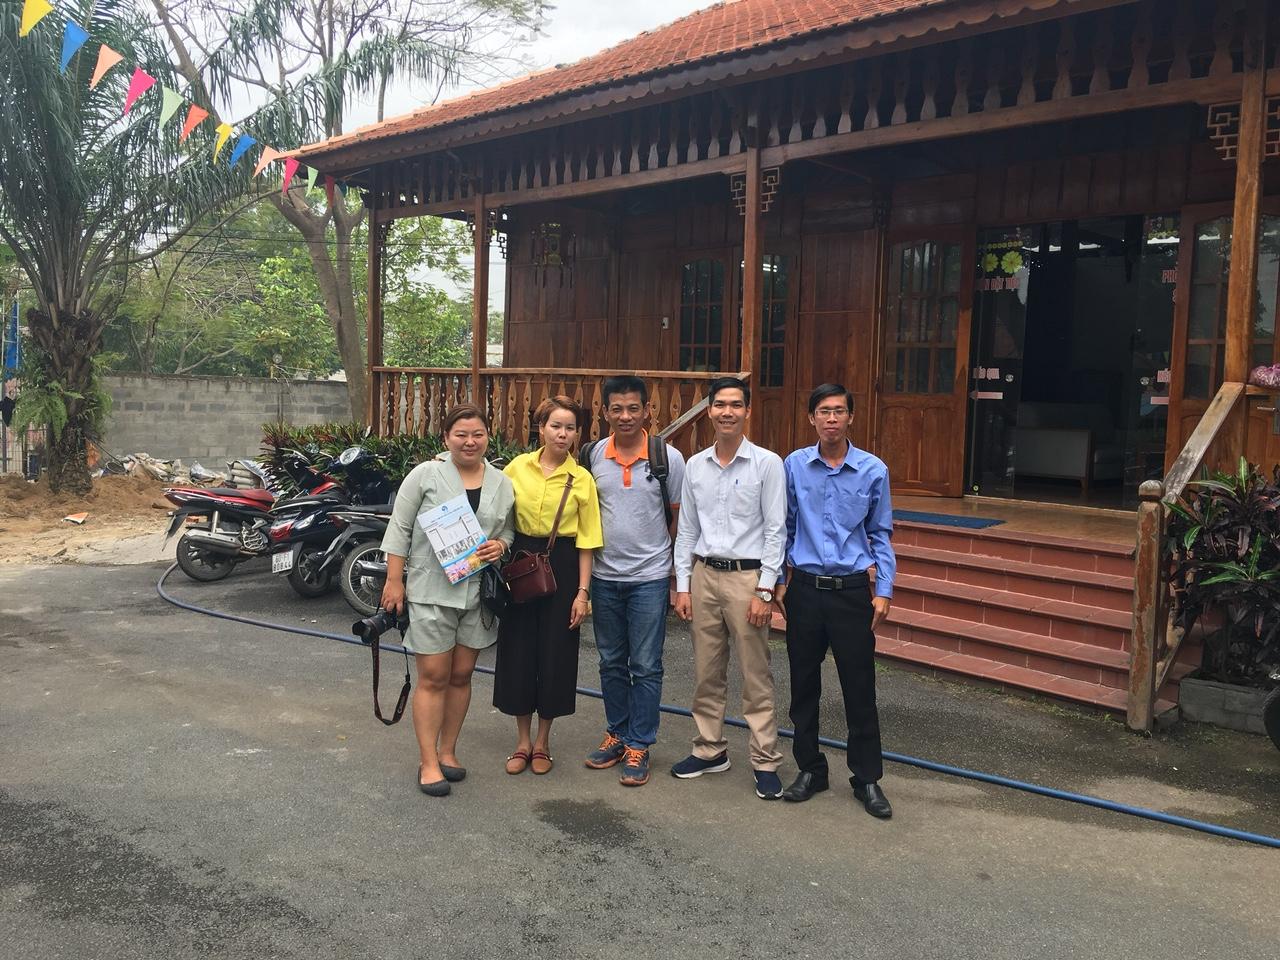 Khảo sát quảng cáo 3 địa điểm nổi tiếng tại Việt Nam